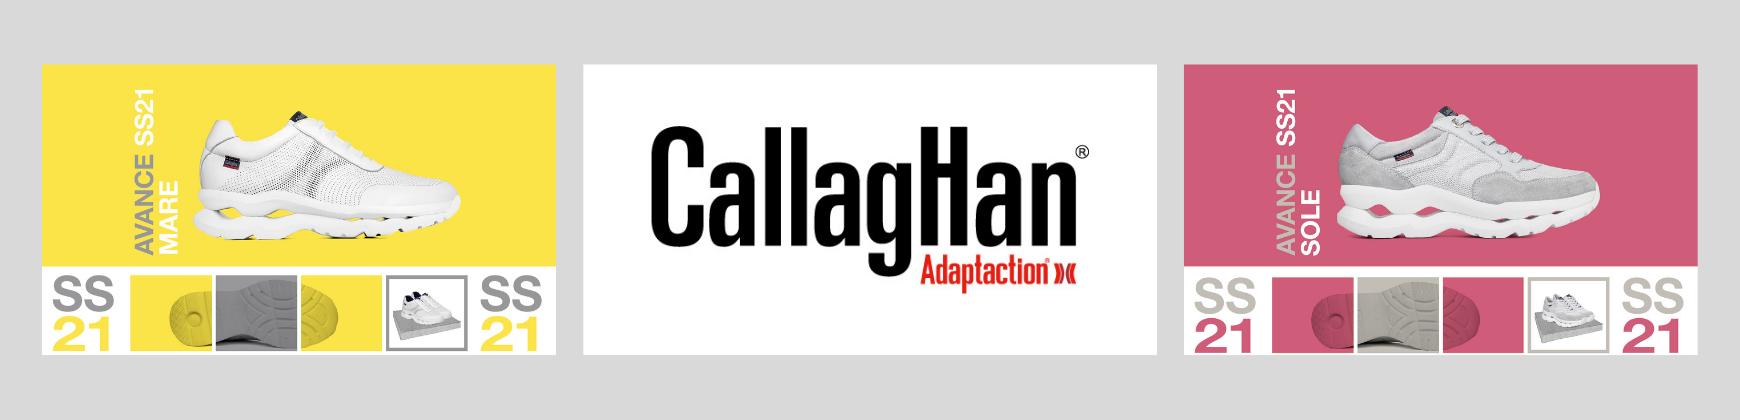 Callaghan Banner Primavera Verano 2021 de la marca